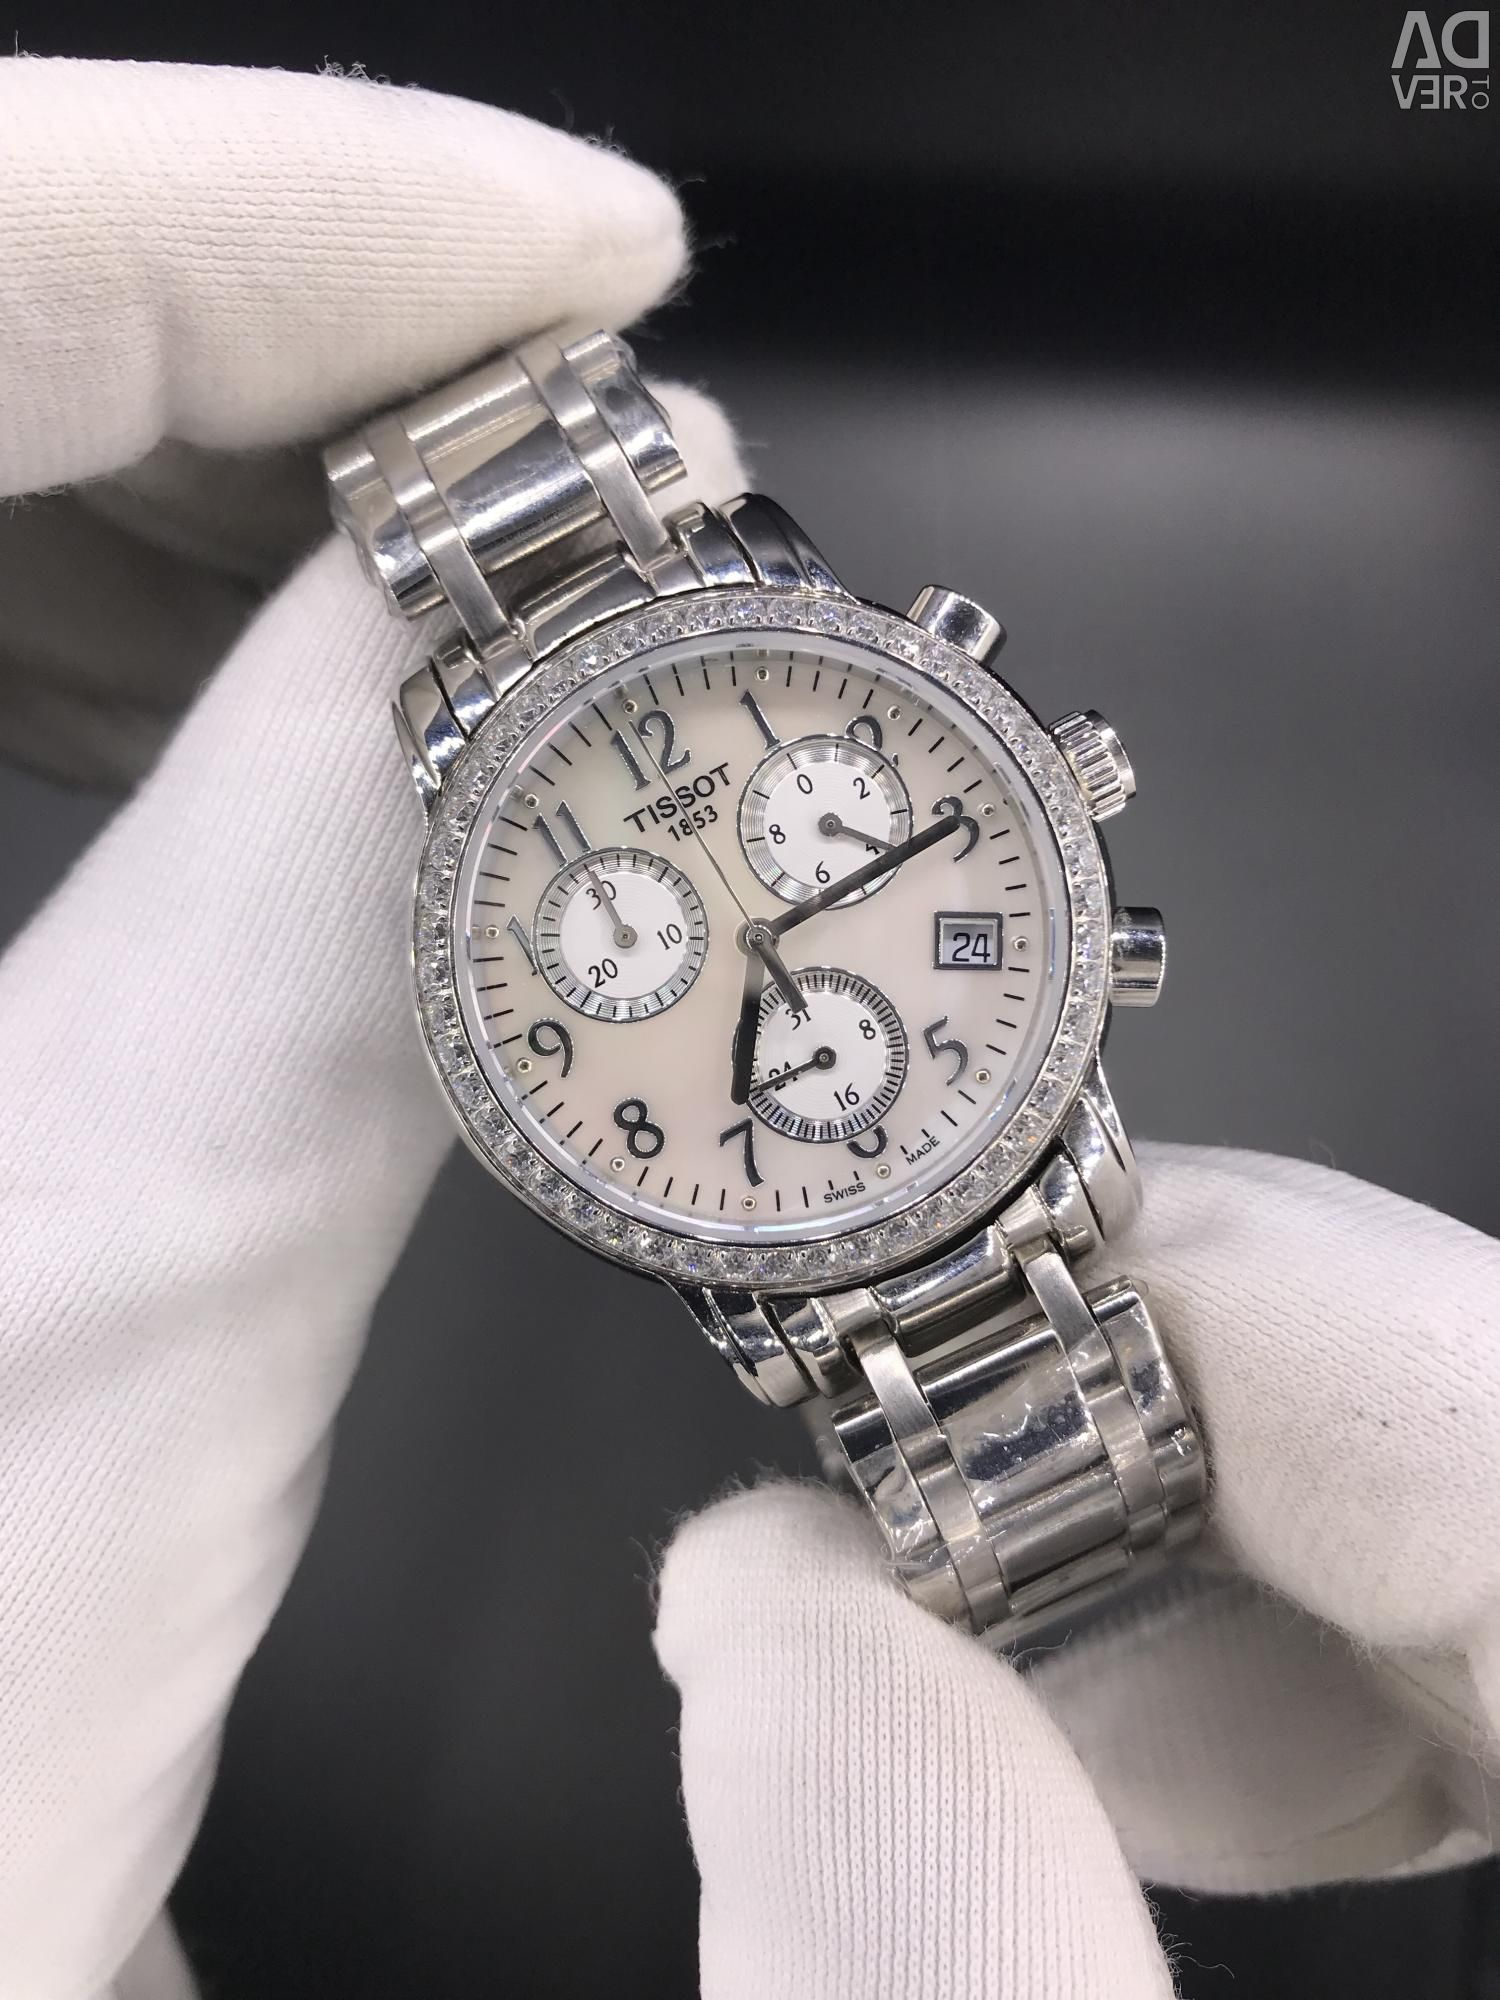 Часы тиссот в краснодаре продать часа грузотакси стоимость